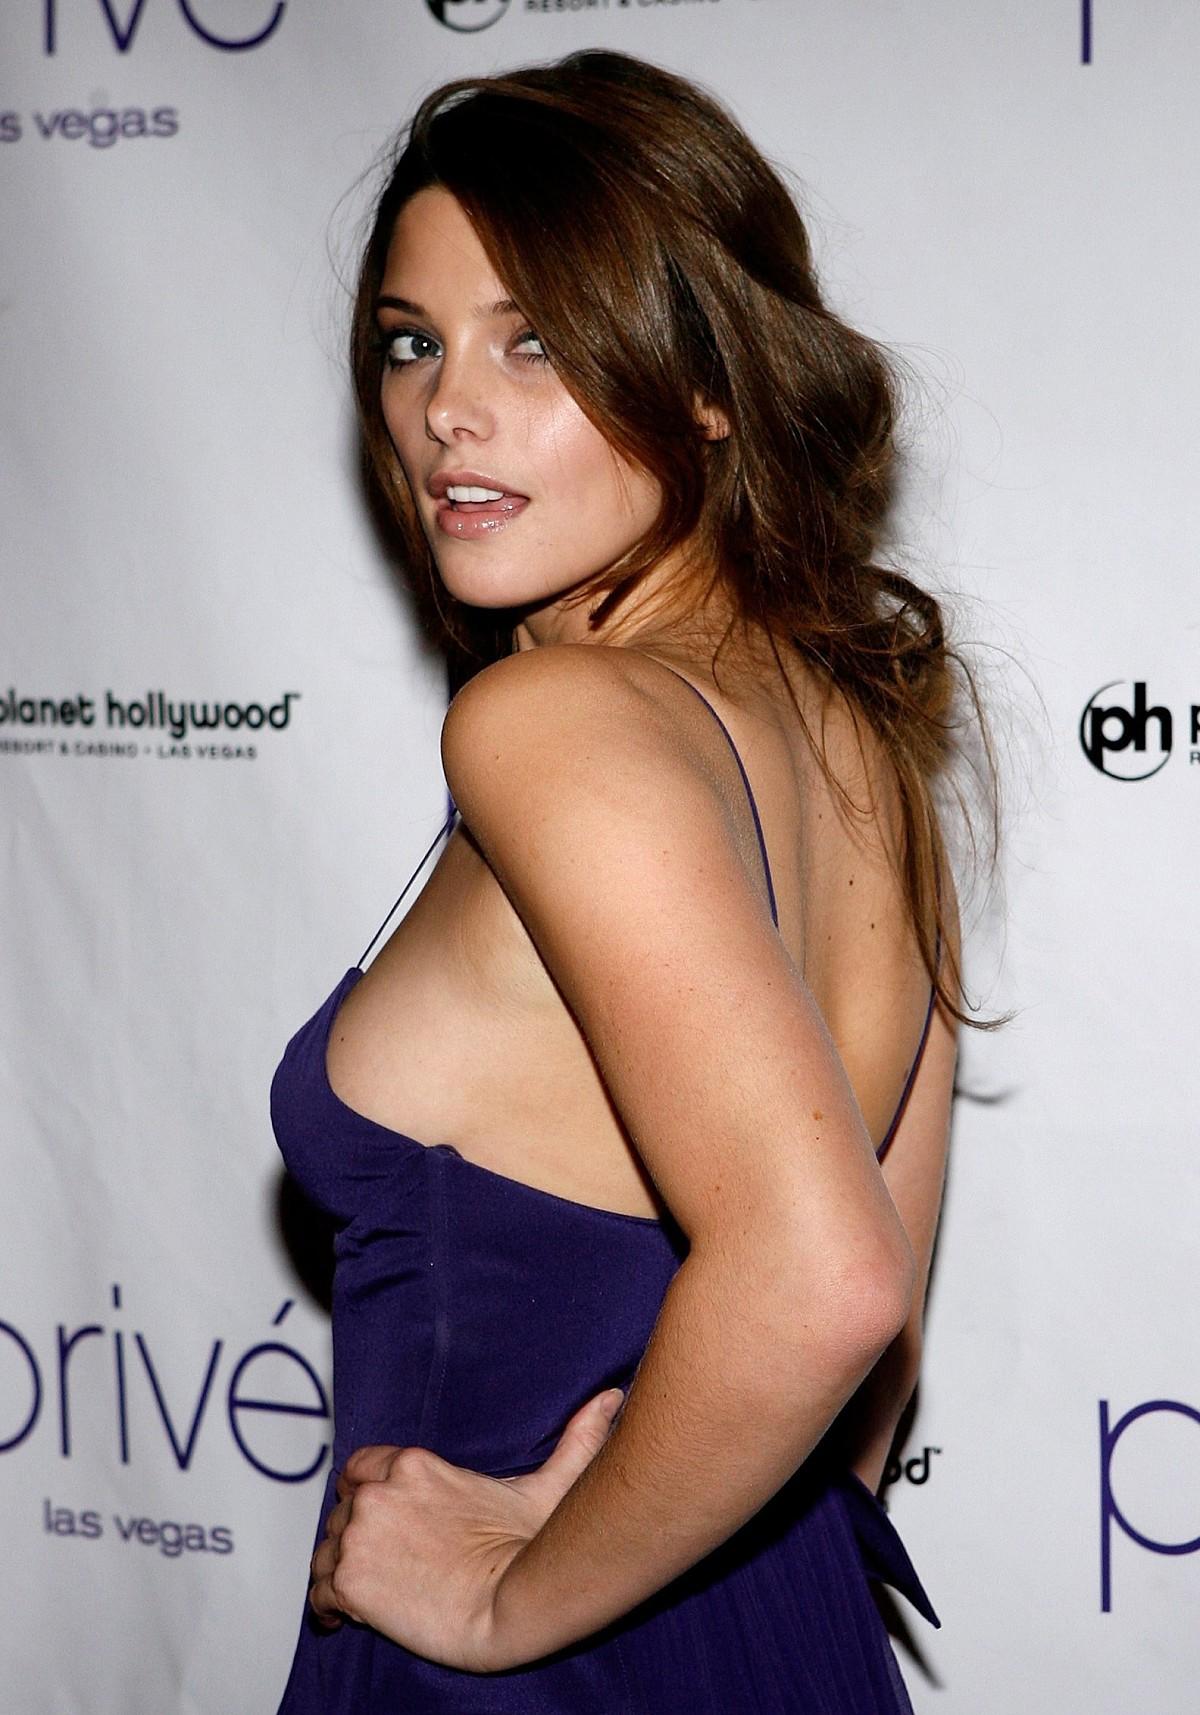 Boobs Ashley Jones nudes (42 fotos) Porno, 2016, butt